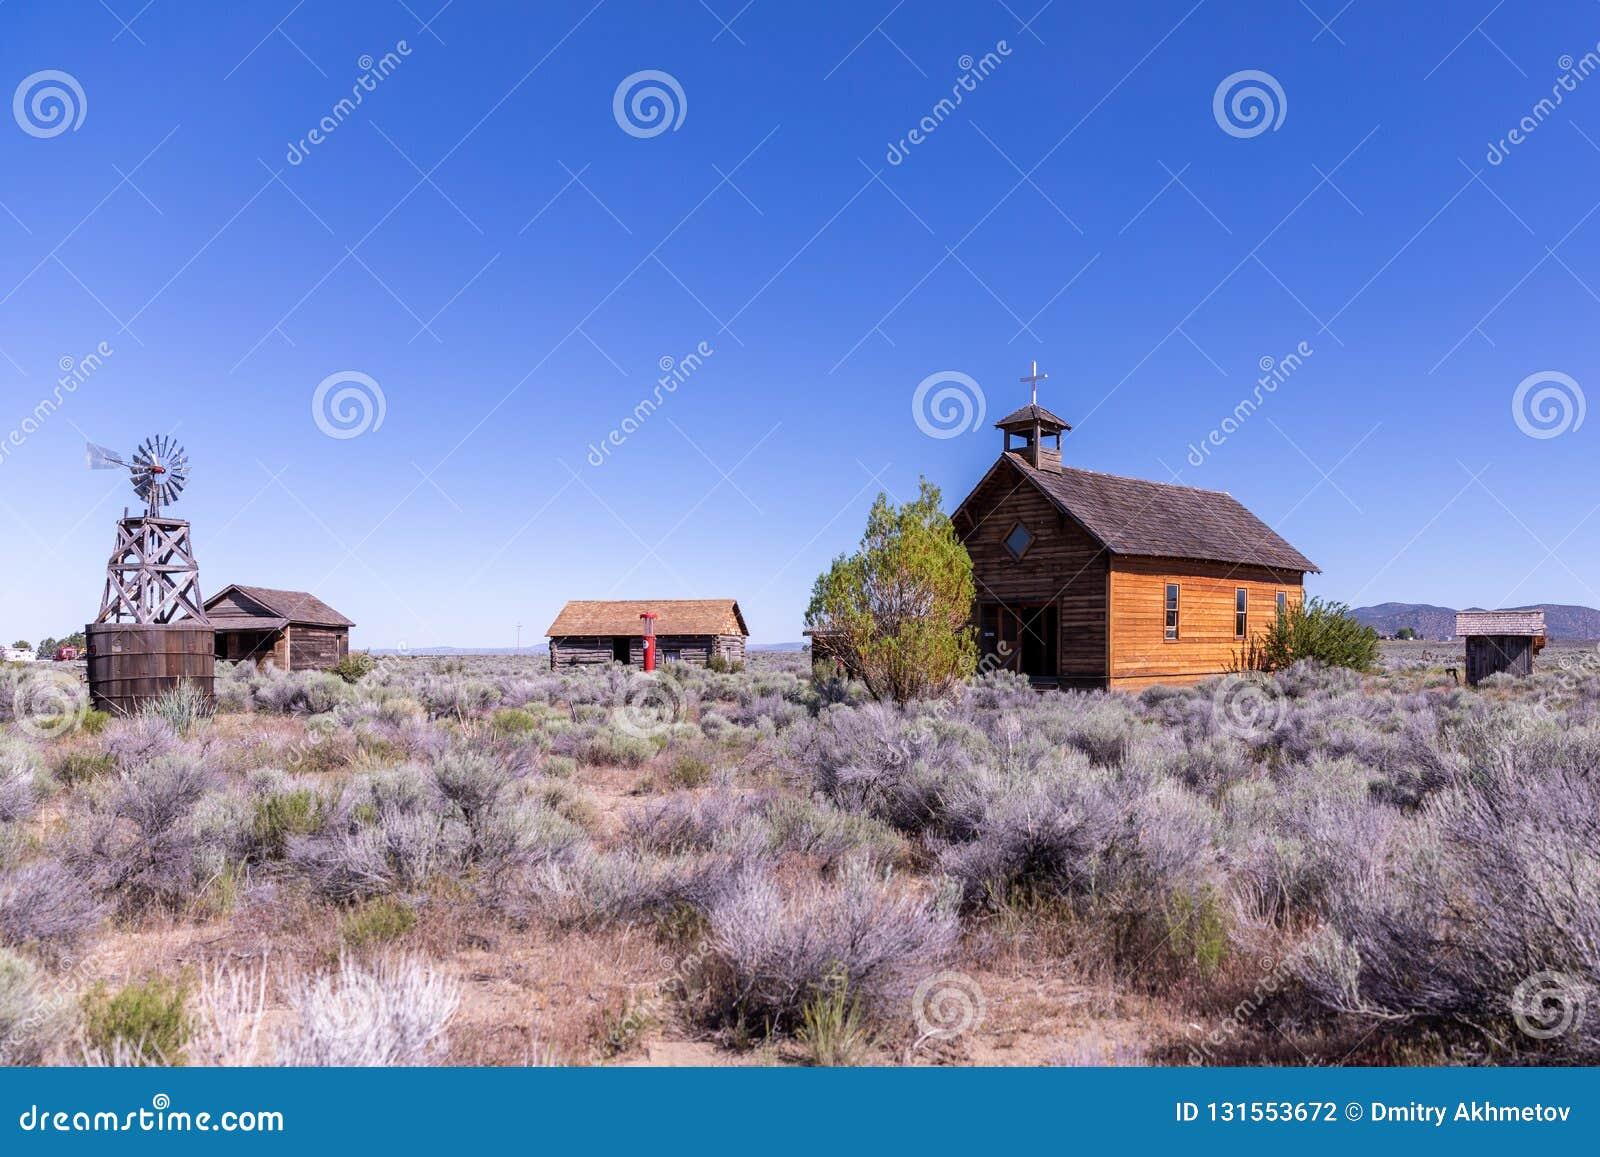 Historische Gebäude in einem Wüstengehöft